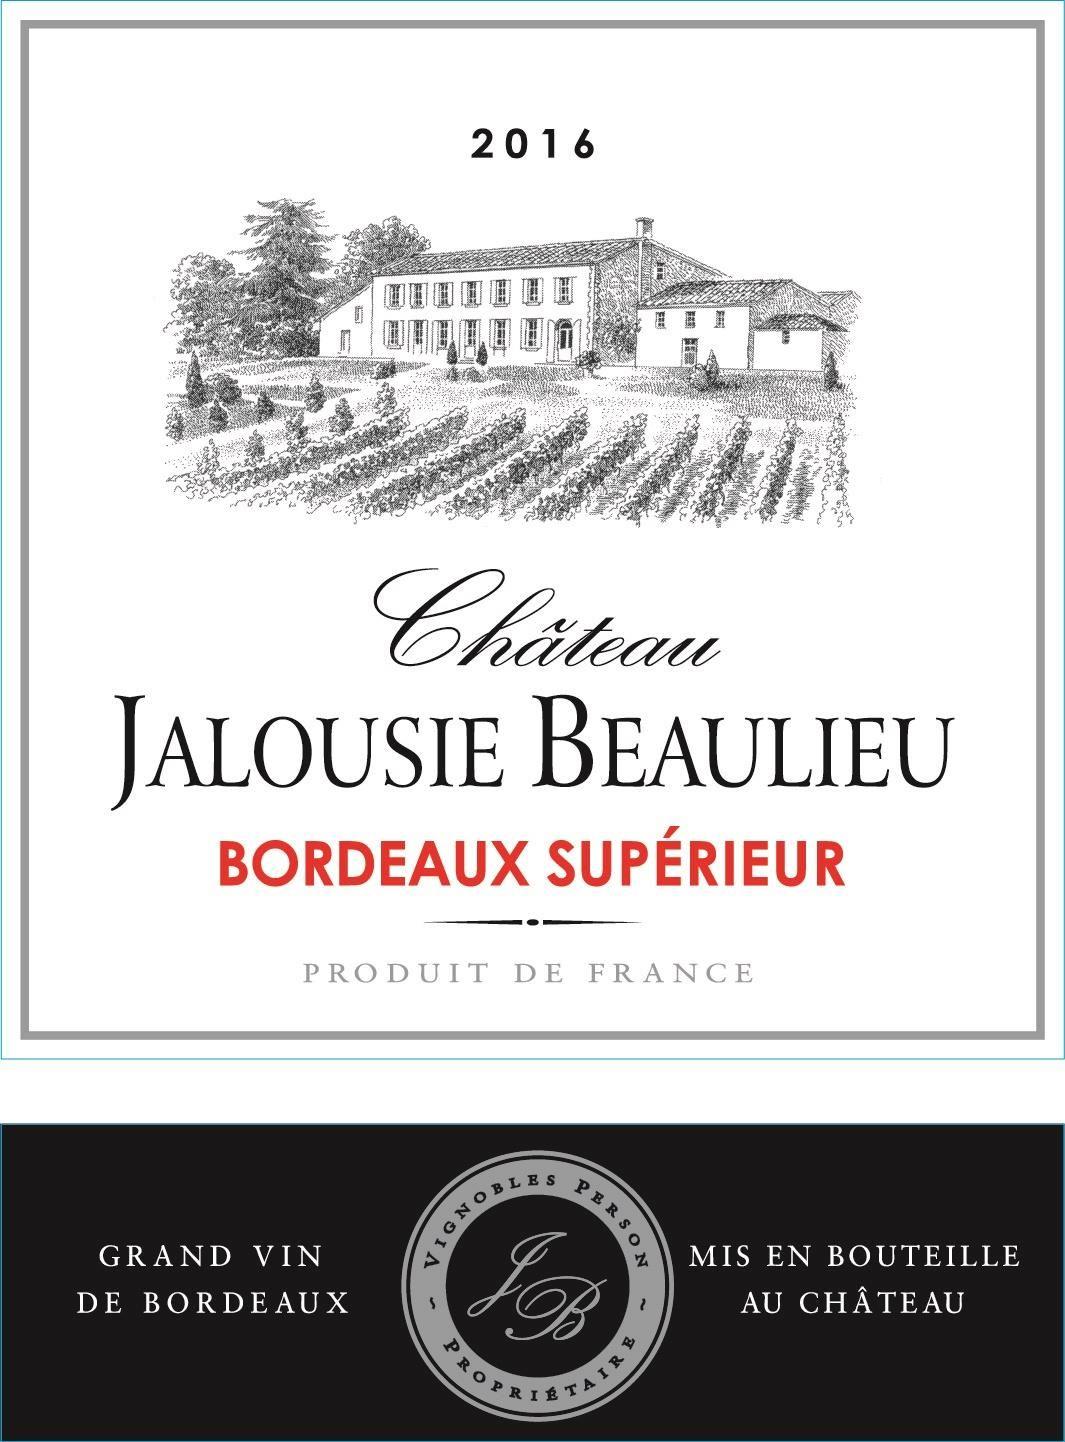 Chateau Jalousie Beaulieu Bordeaux Superieur 2016